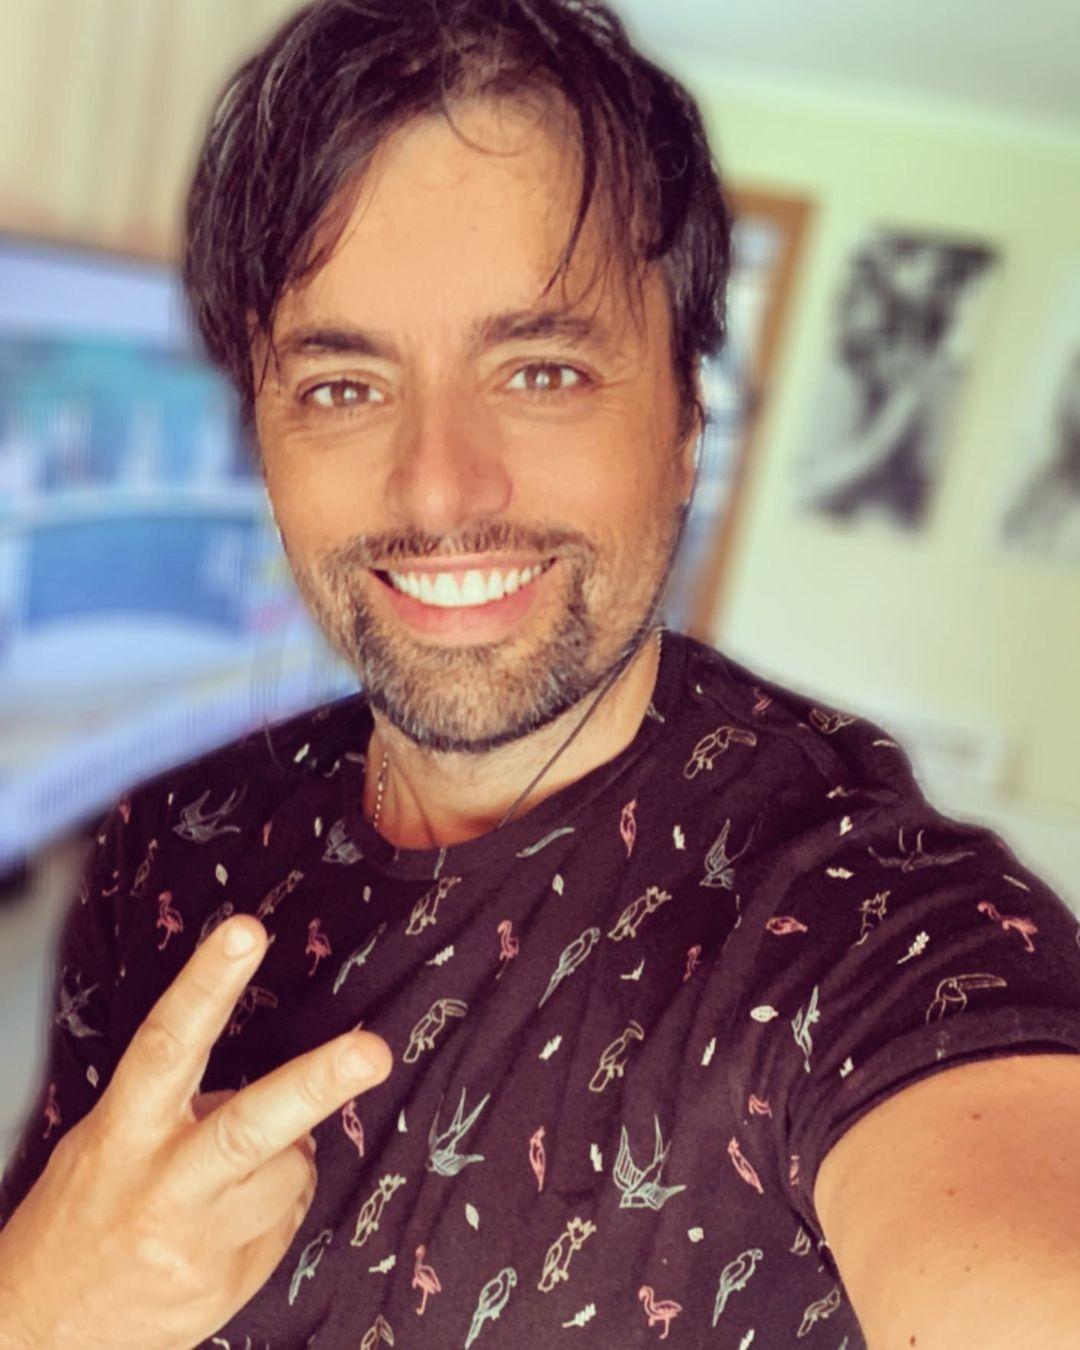 Daniel Valenzuela luce irreconocible en foto con llamativo look